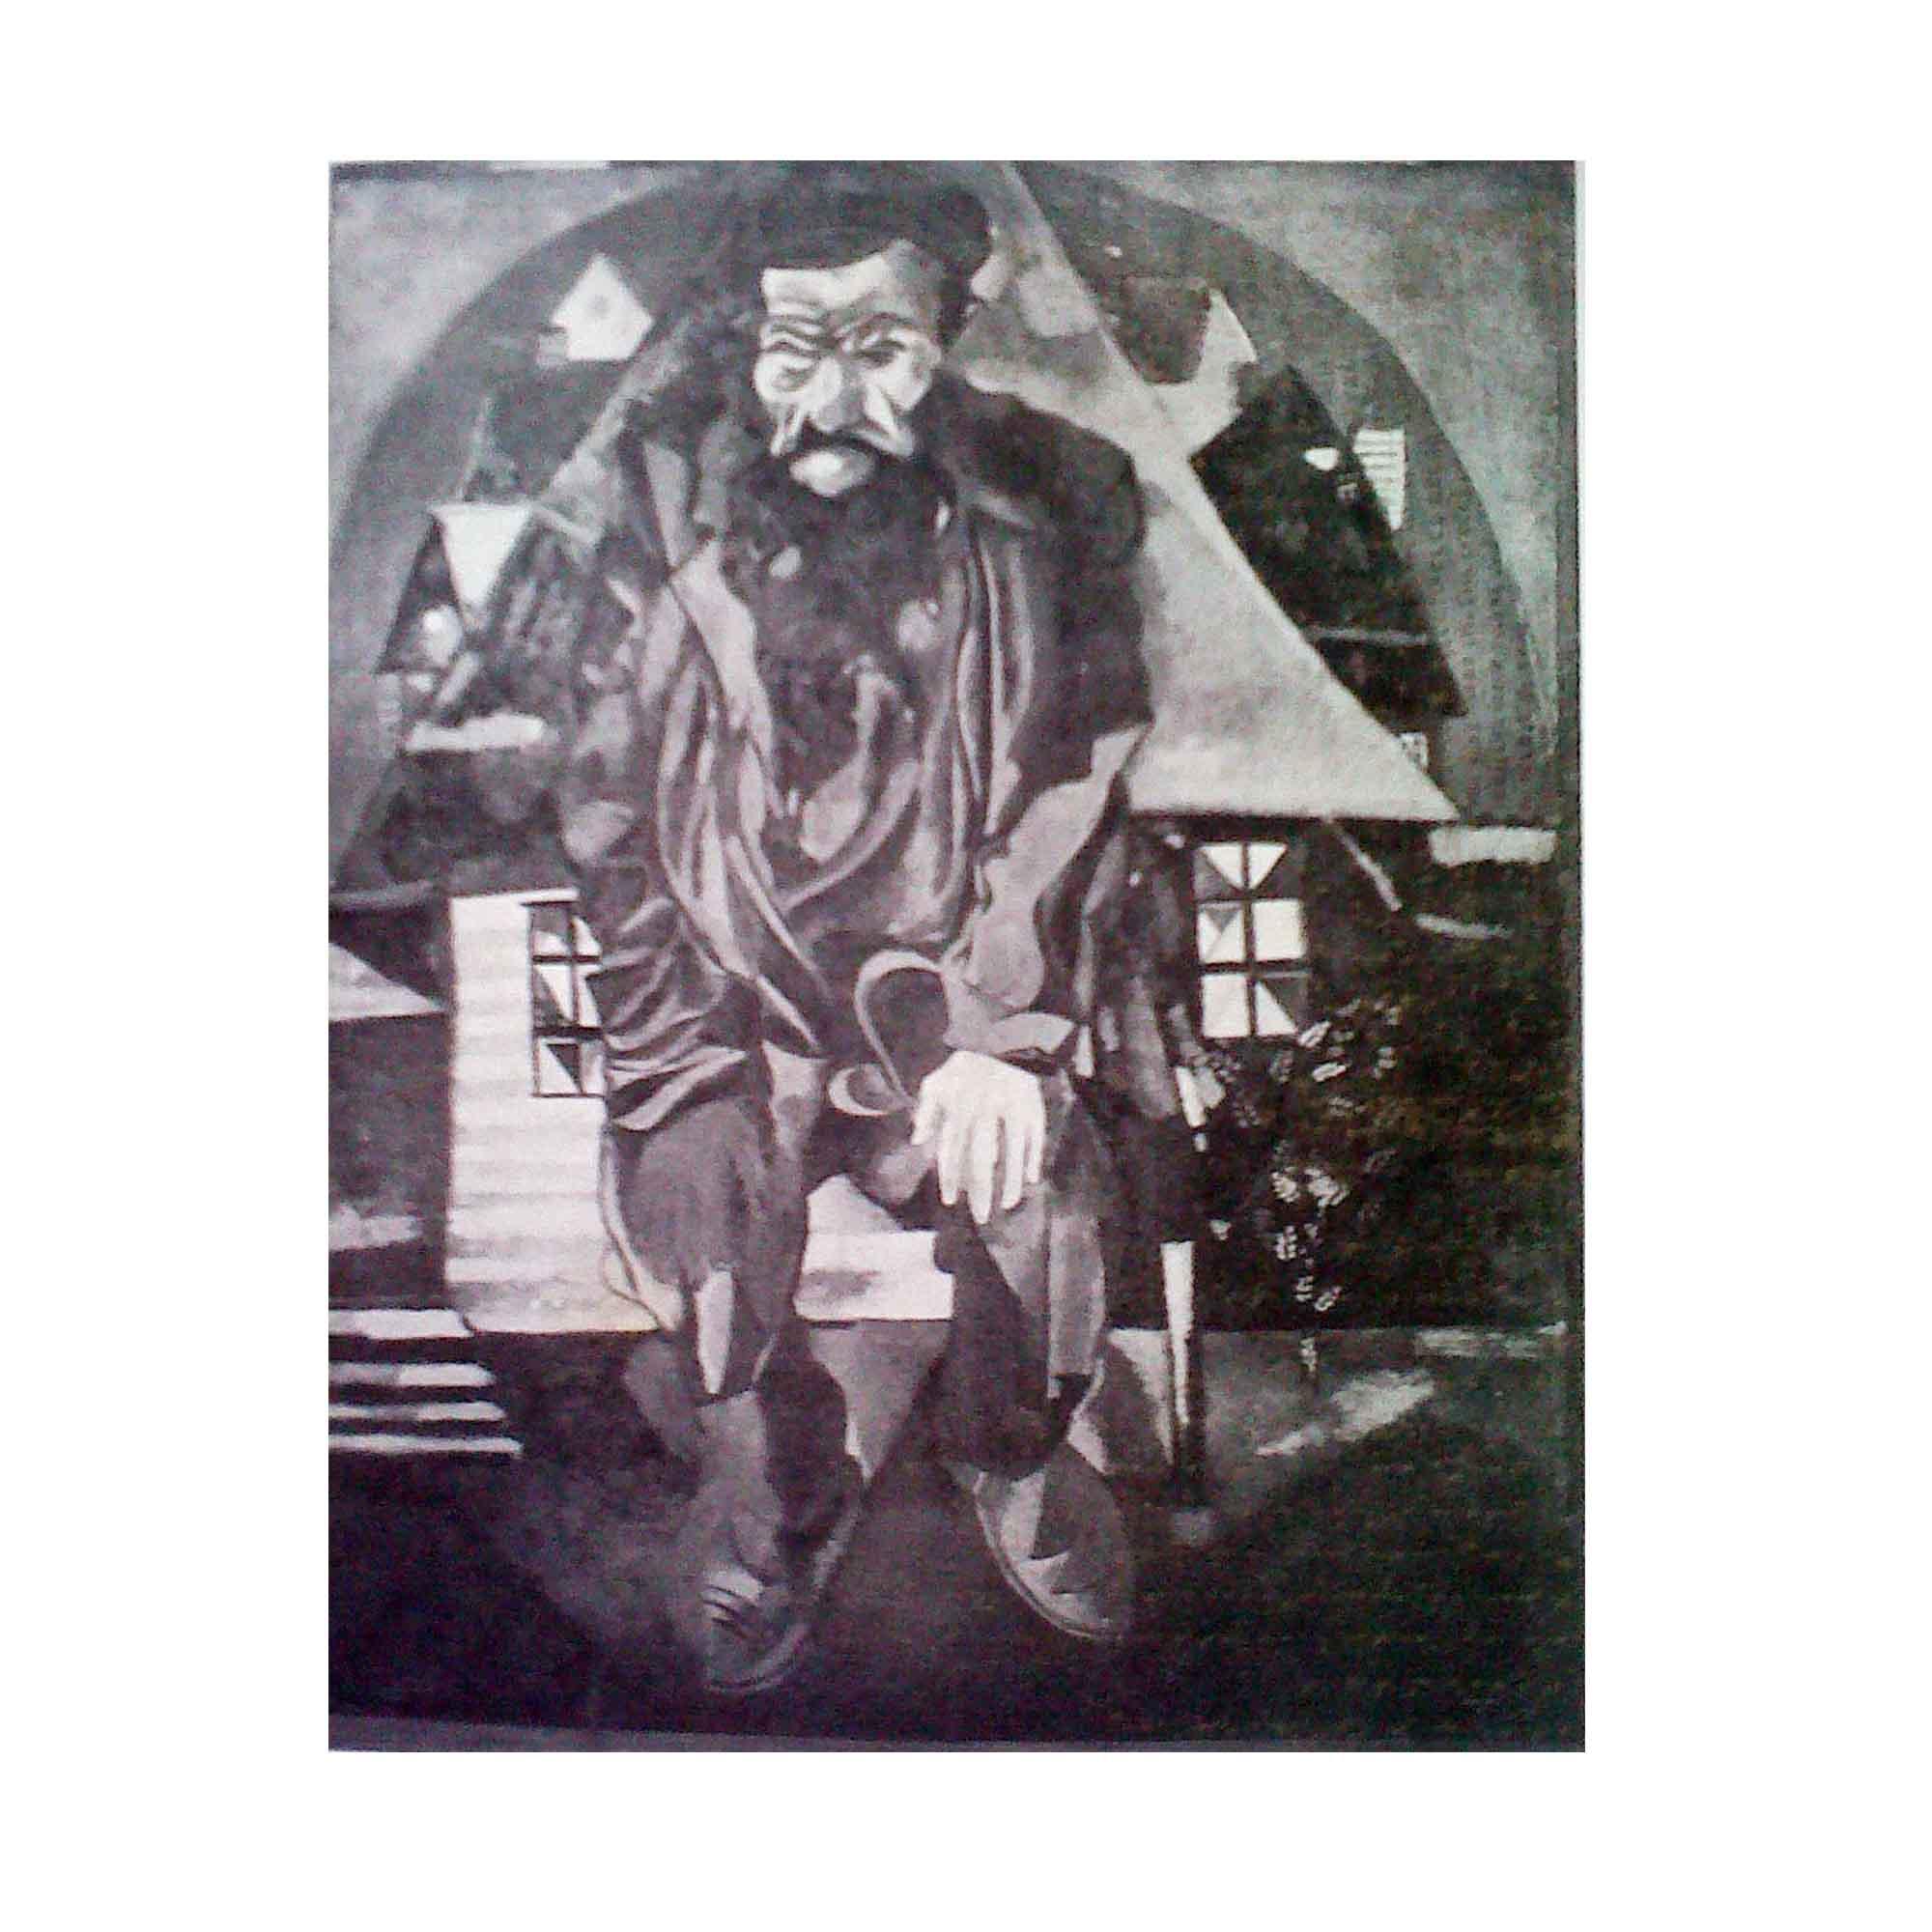 1135-Apollon-2-1926-Chagall-2-frei-N.jpg